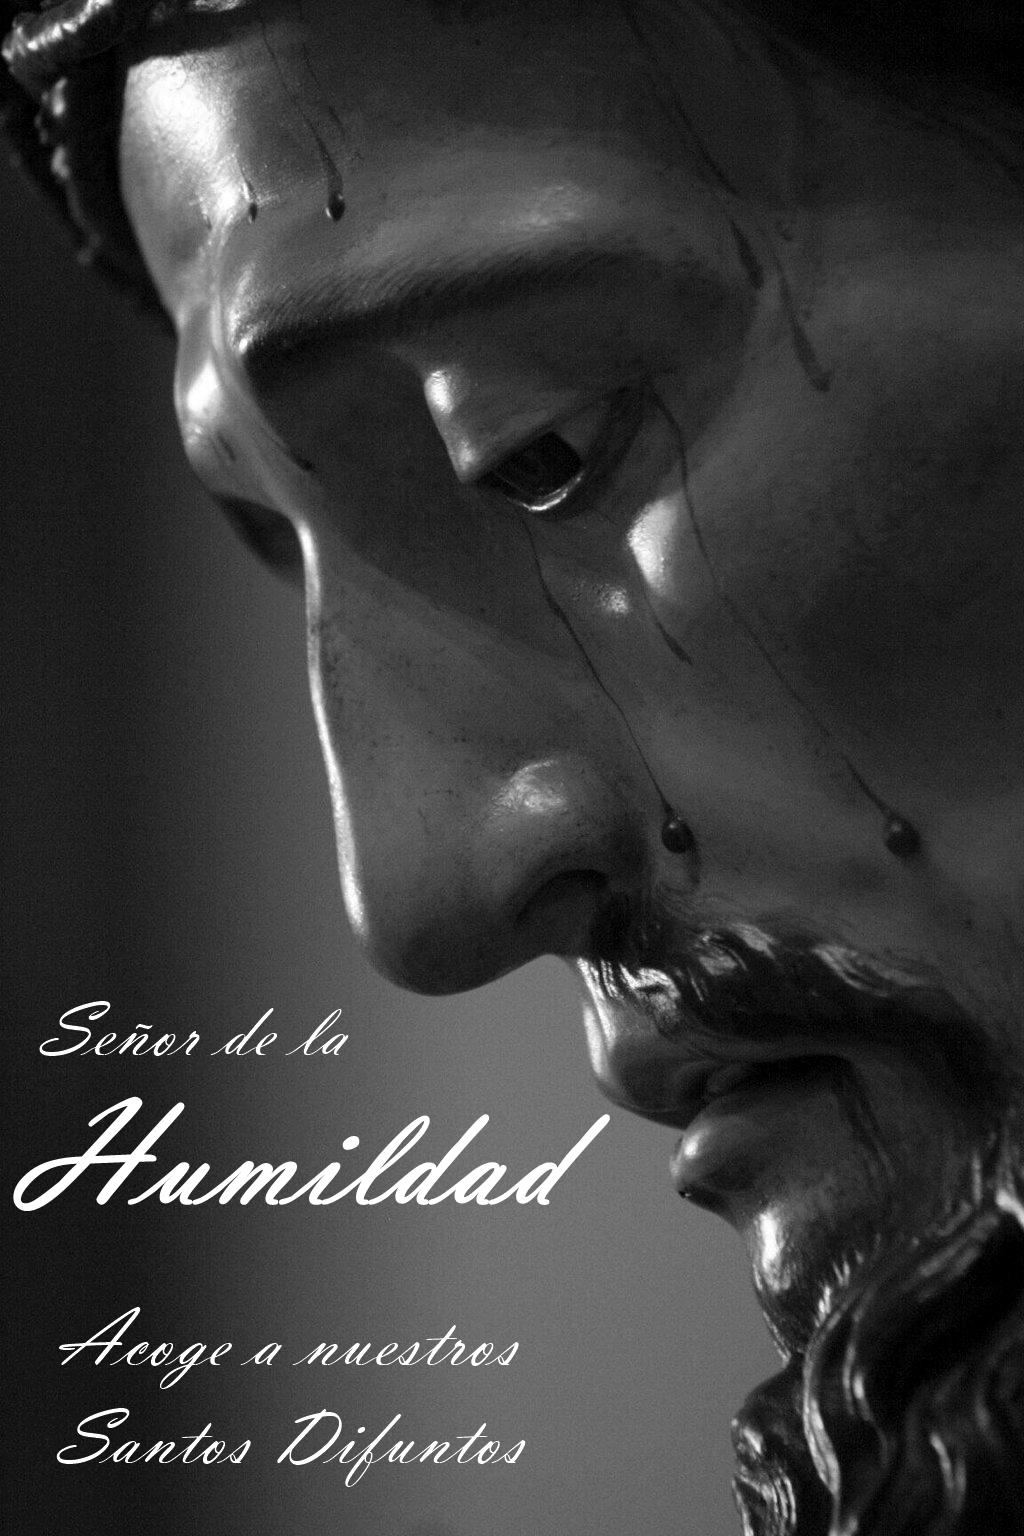 s humildad dif